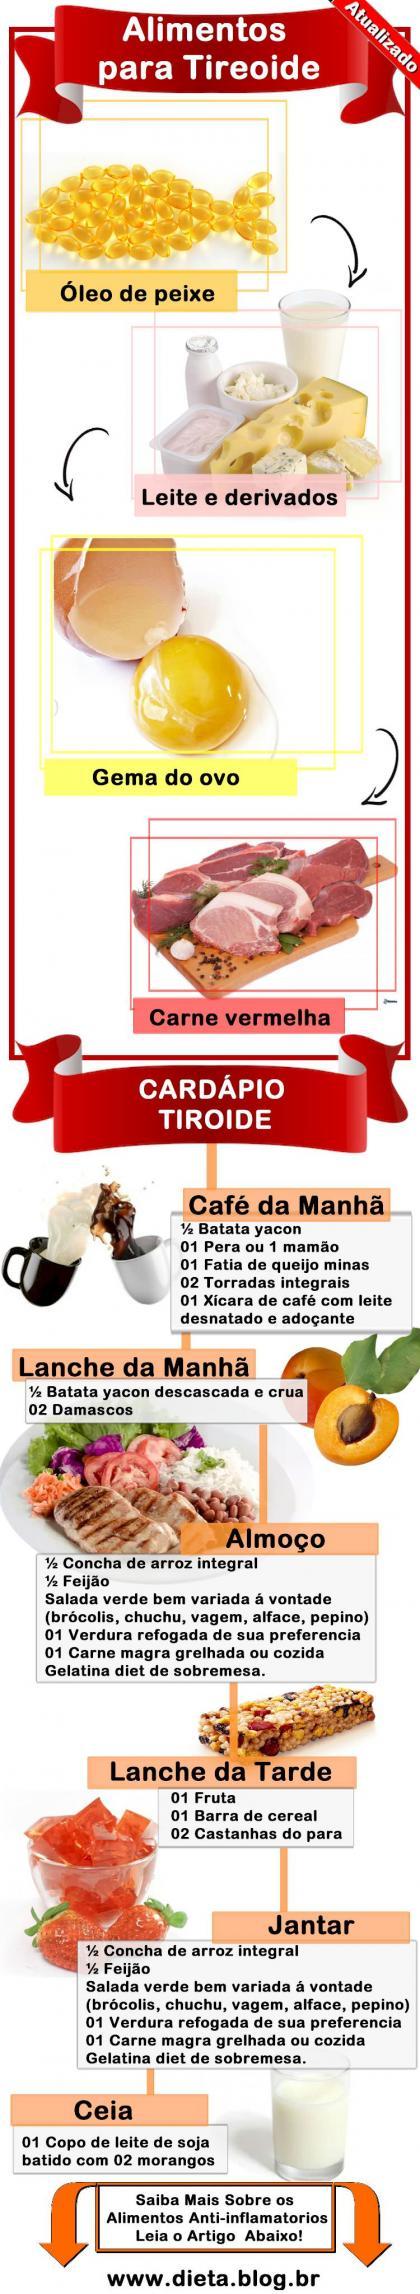 Cardapio Dieta Para Controlar A Tireoide Que Engorda Tireoide